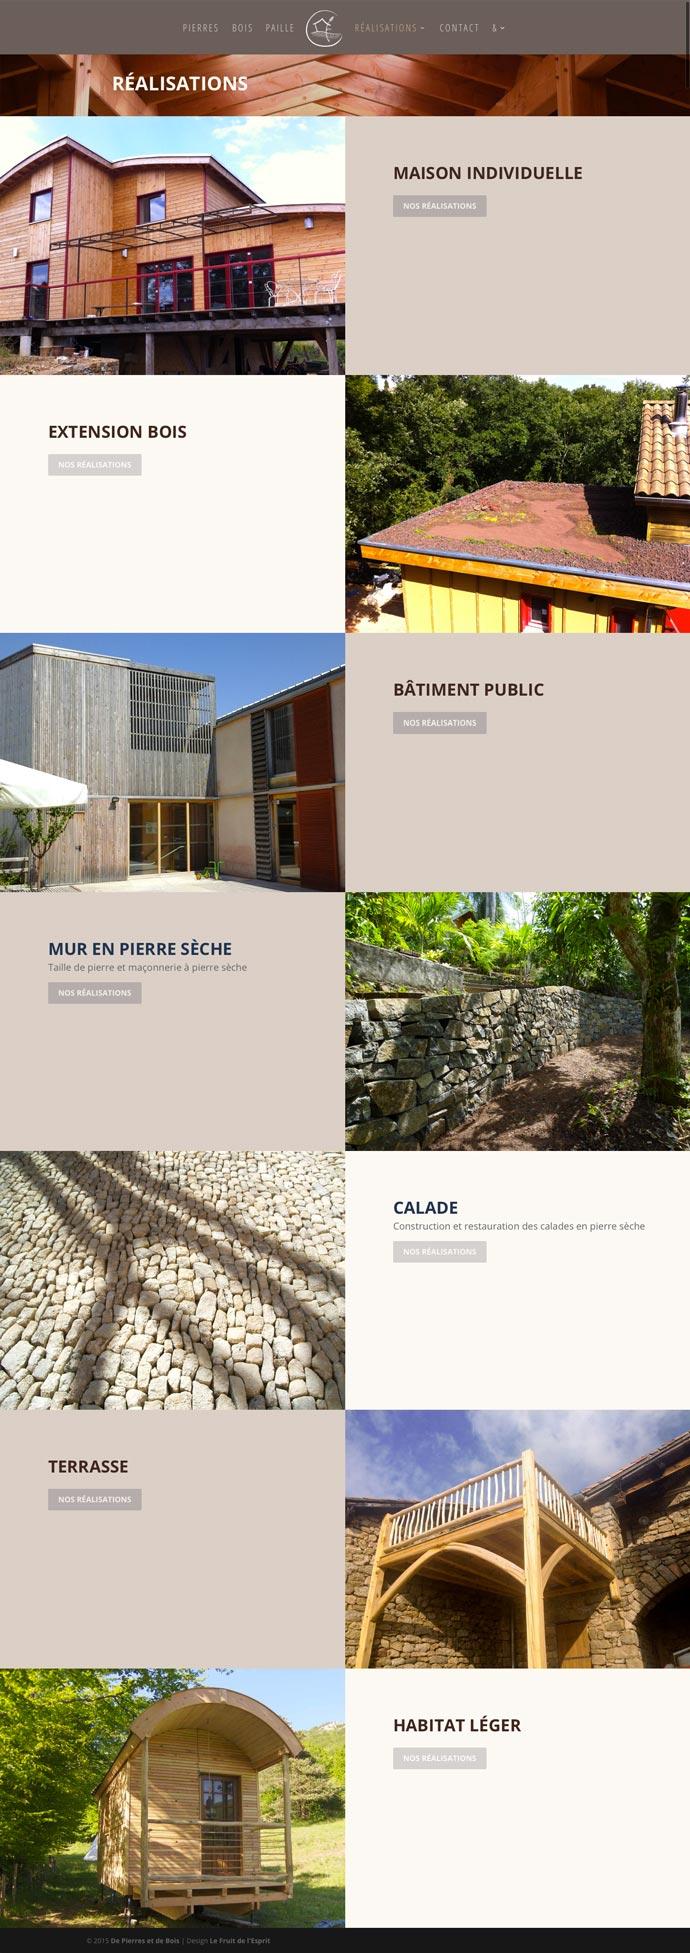 De Pierres et de Bois - Site Internet - Réalisations